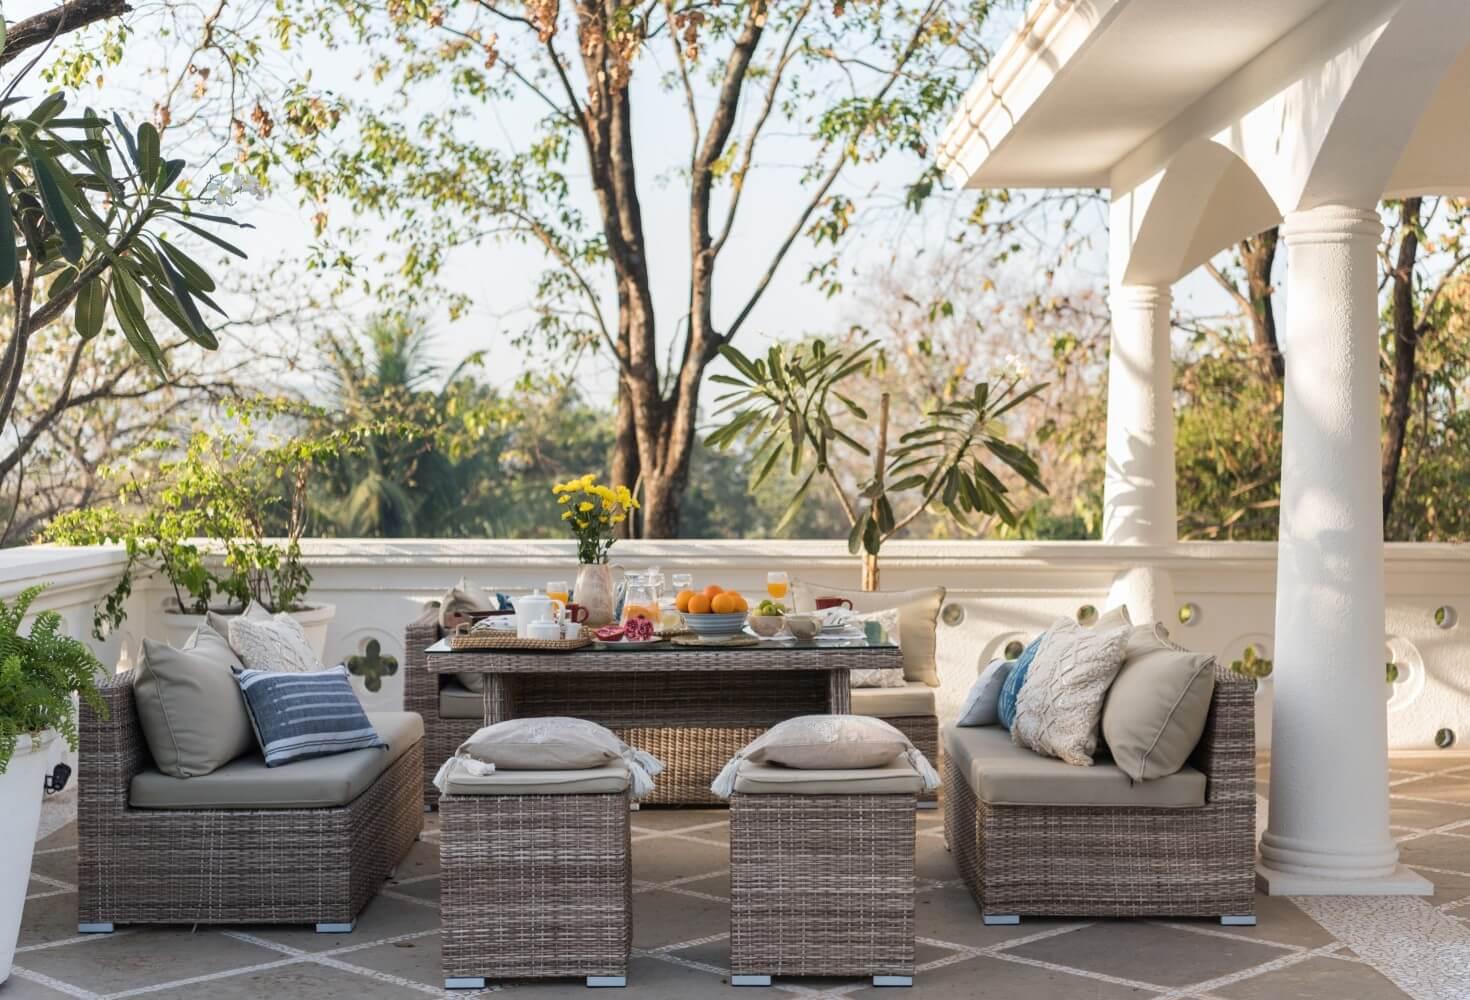 Villa Vivre - Private Villa for Rent